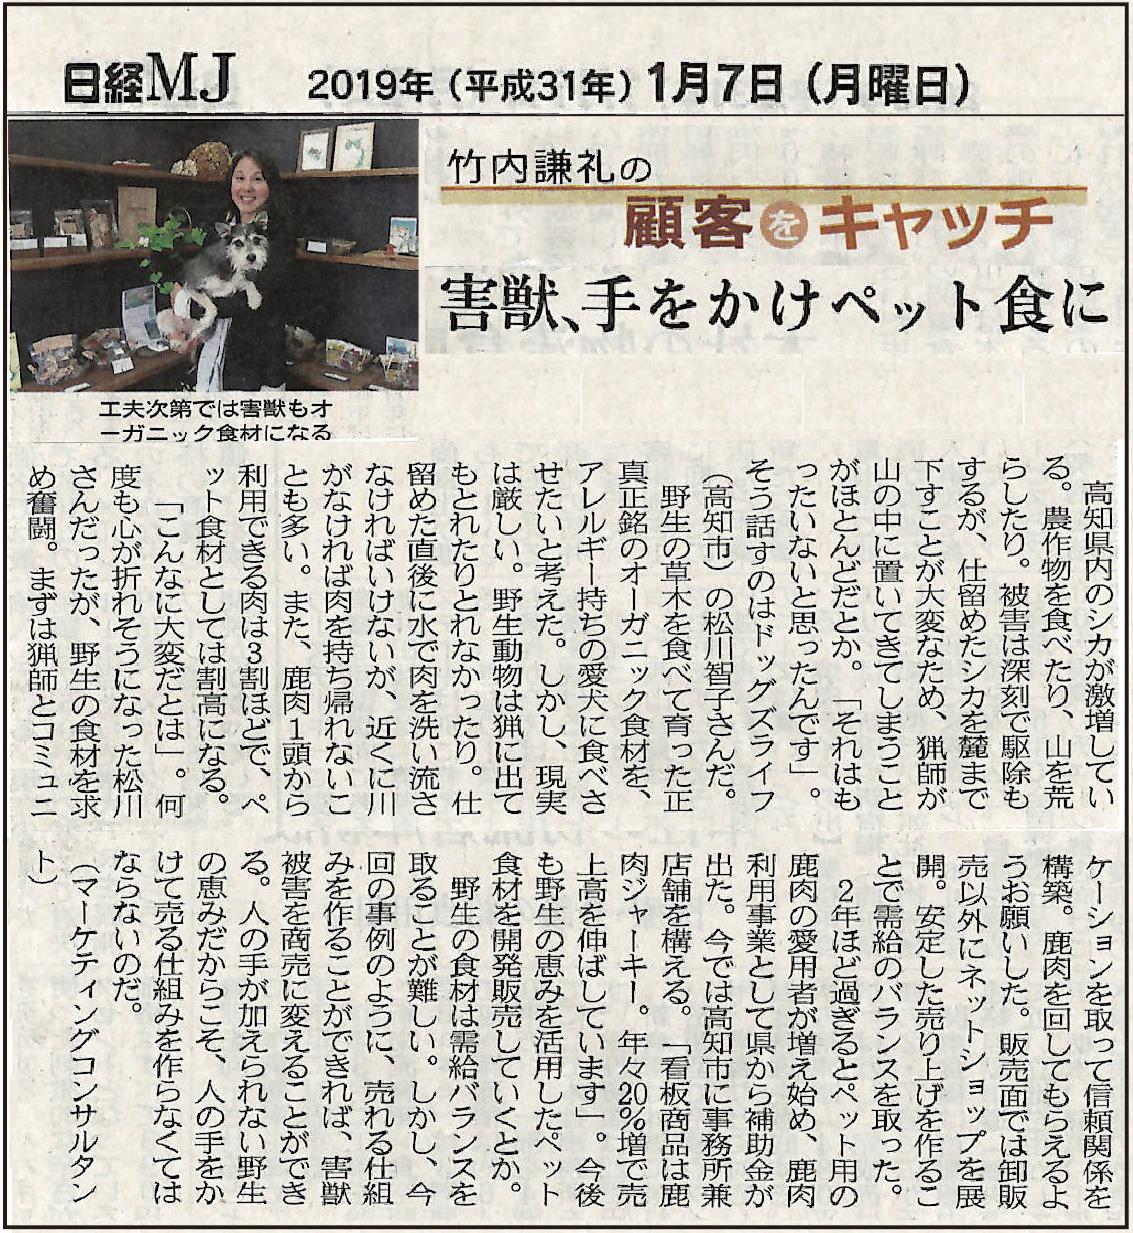 メディア掲載記事 日経MJ